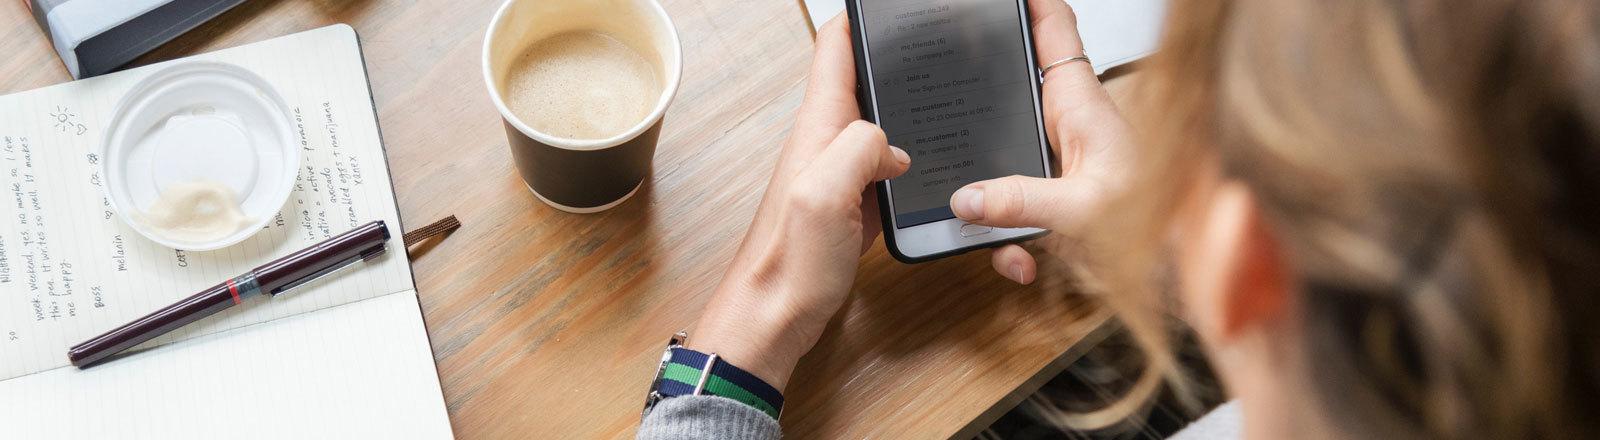 Eine Frau mit Smartphone und Kaffee am Schreibtisch